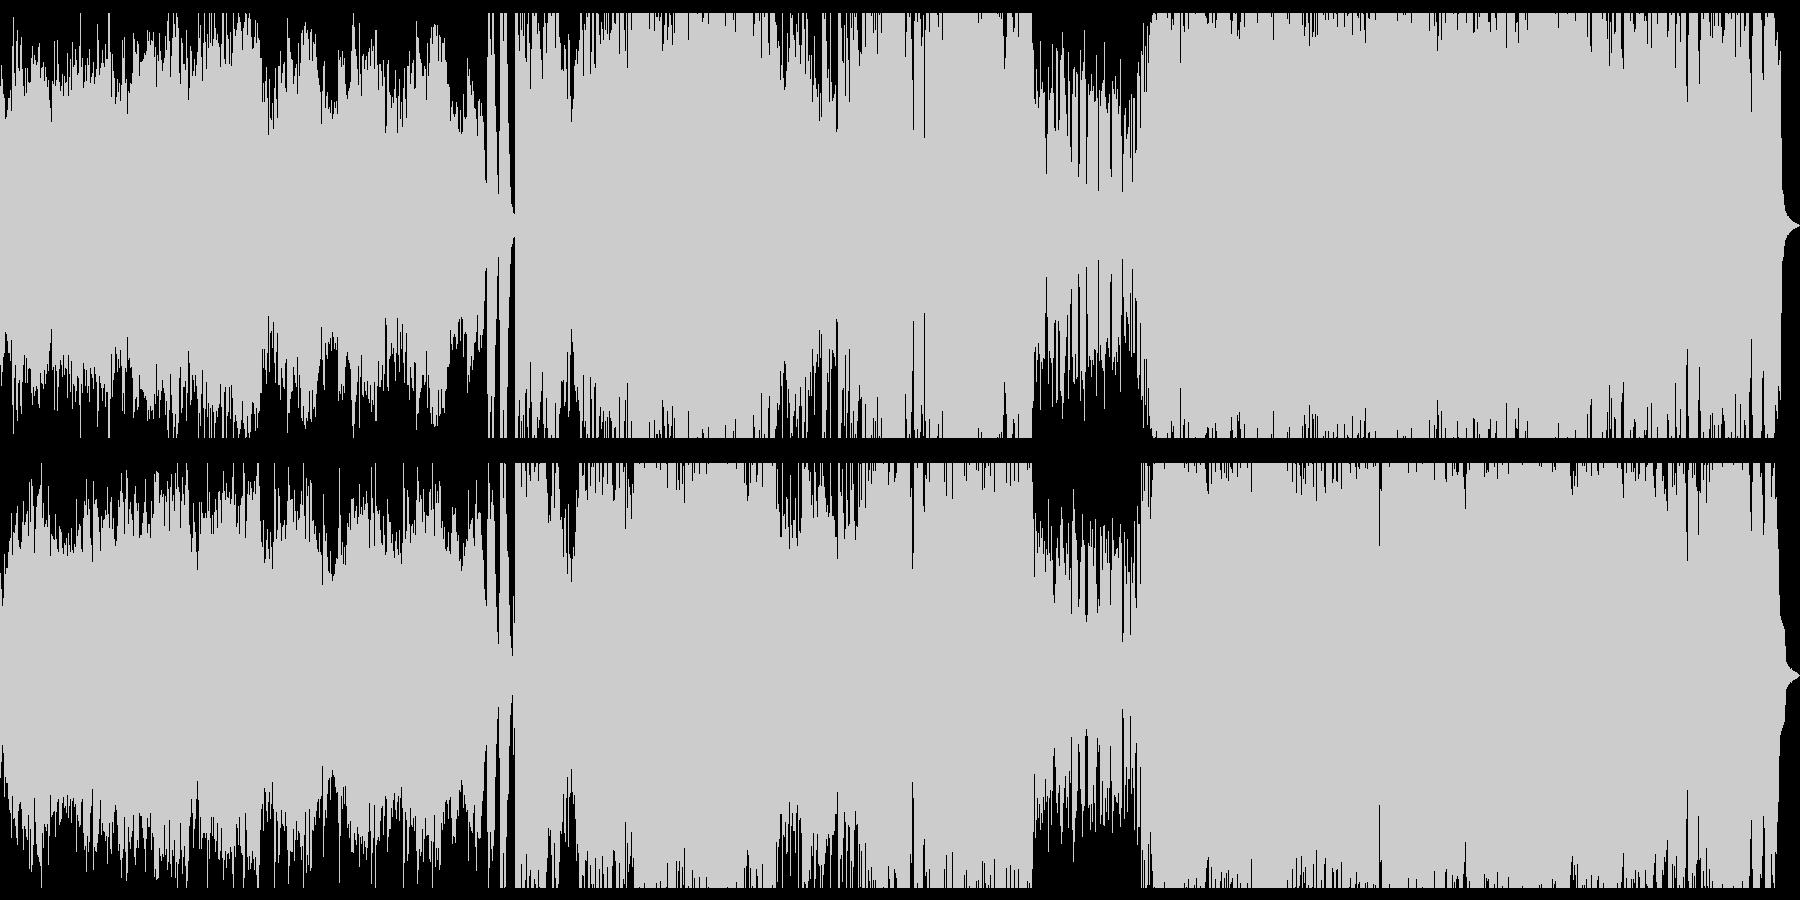 ストリングスとギターのロック系アニソンの未再生の波形